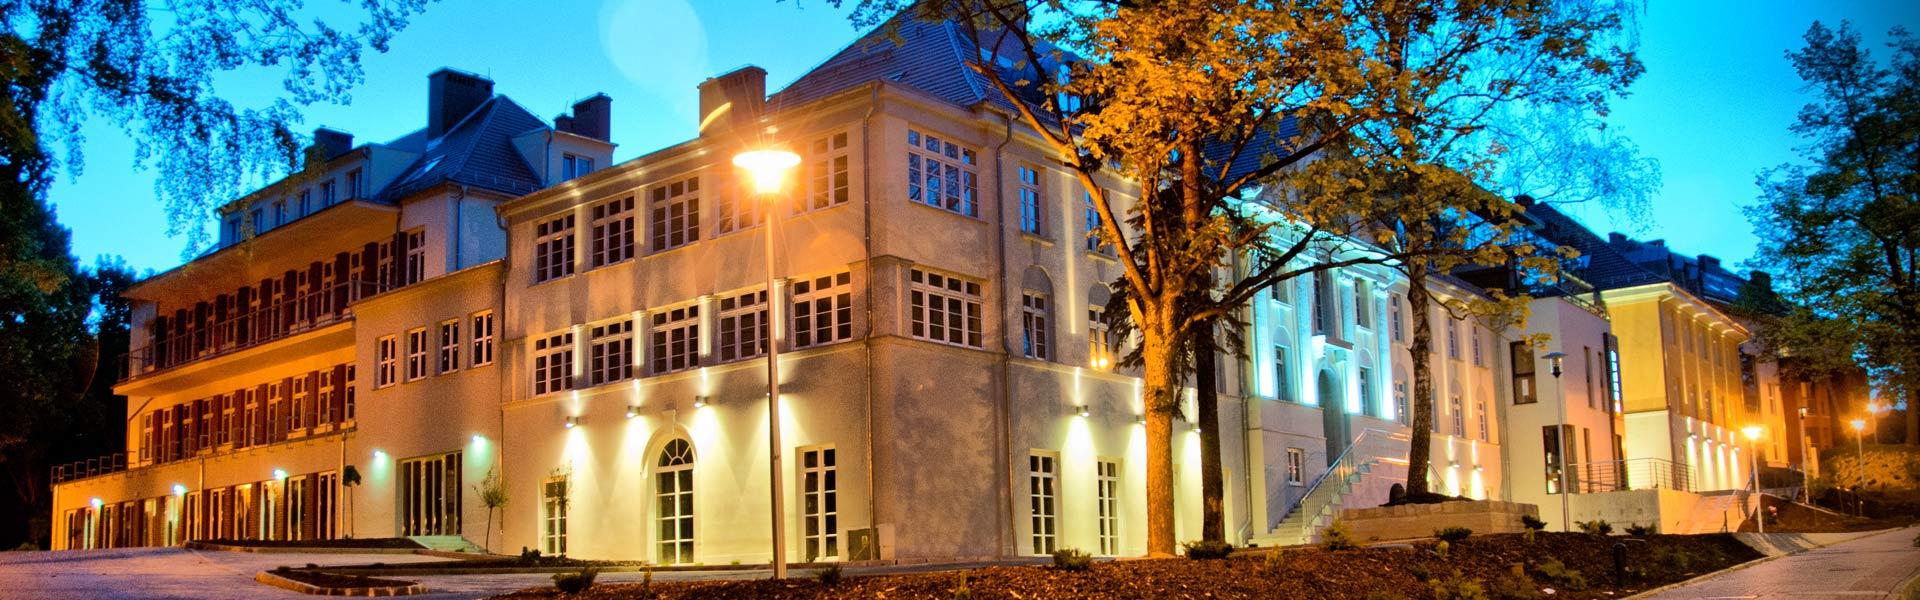 Mieszkania na sprzedaż - Gorzów Wlkp.